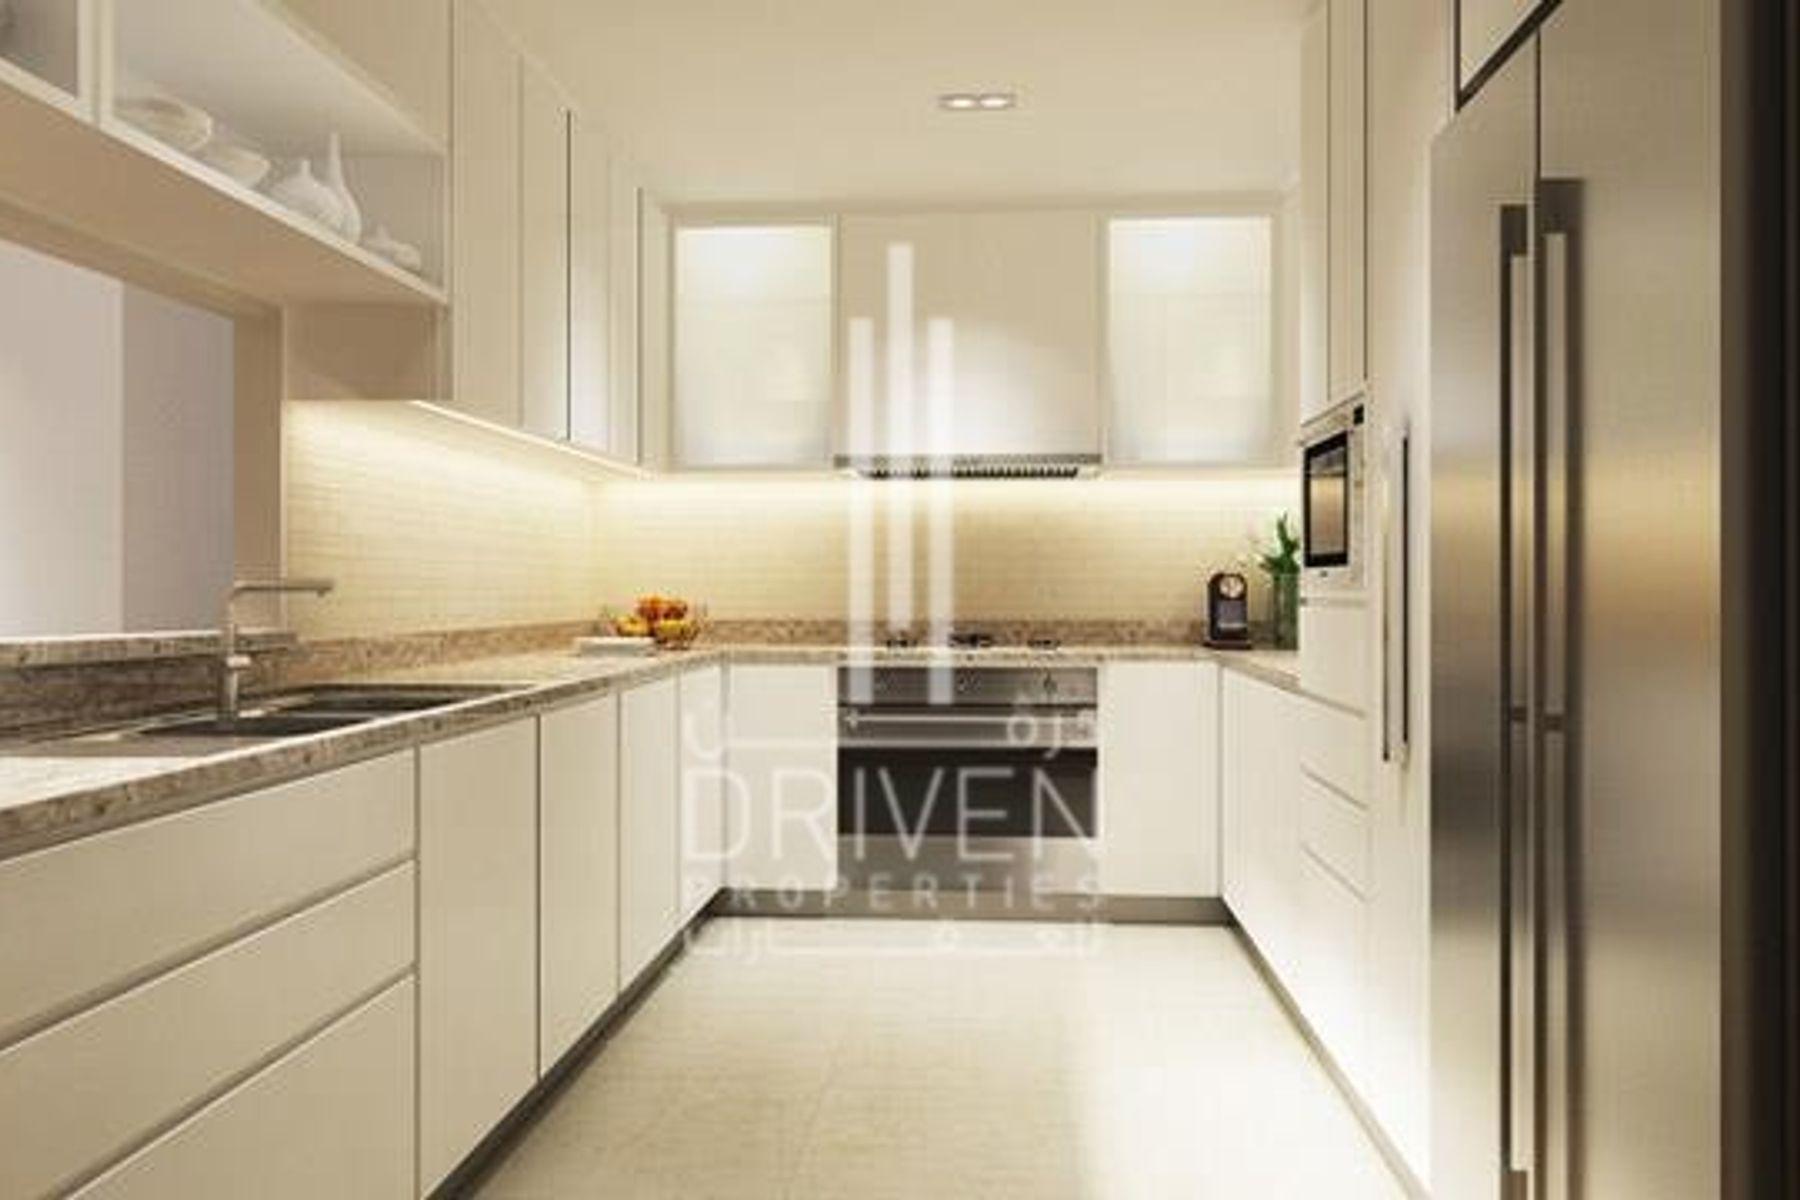 للبيع - شقة - داون تاون فيوز - دبي وسط المدينة